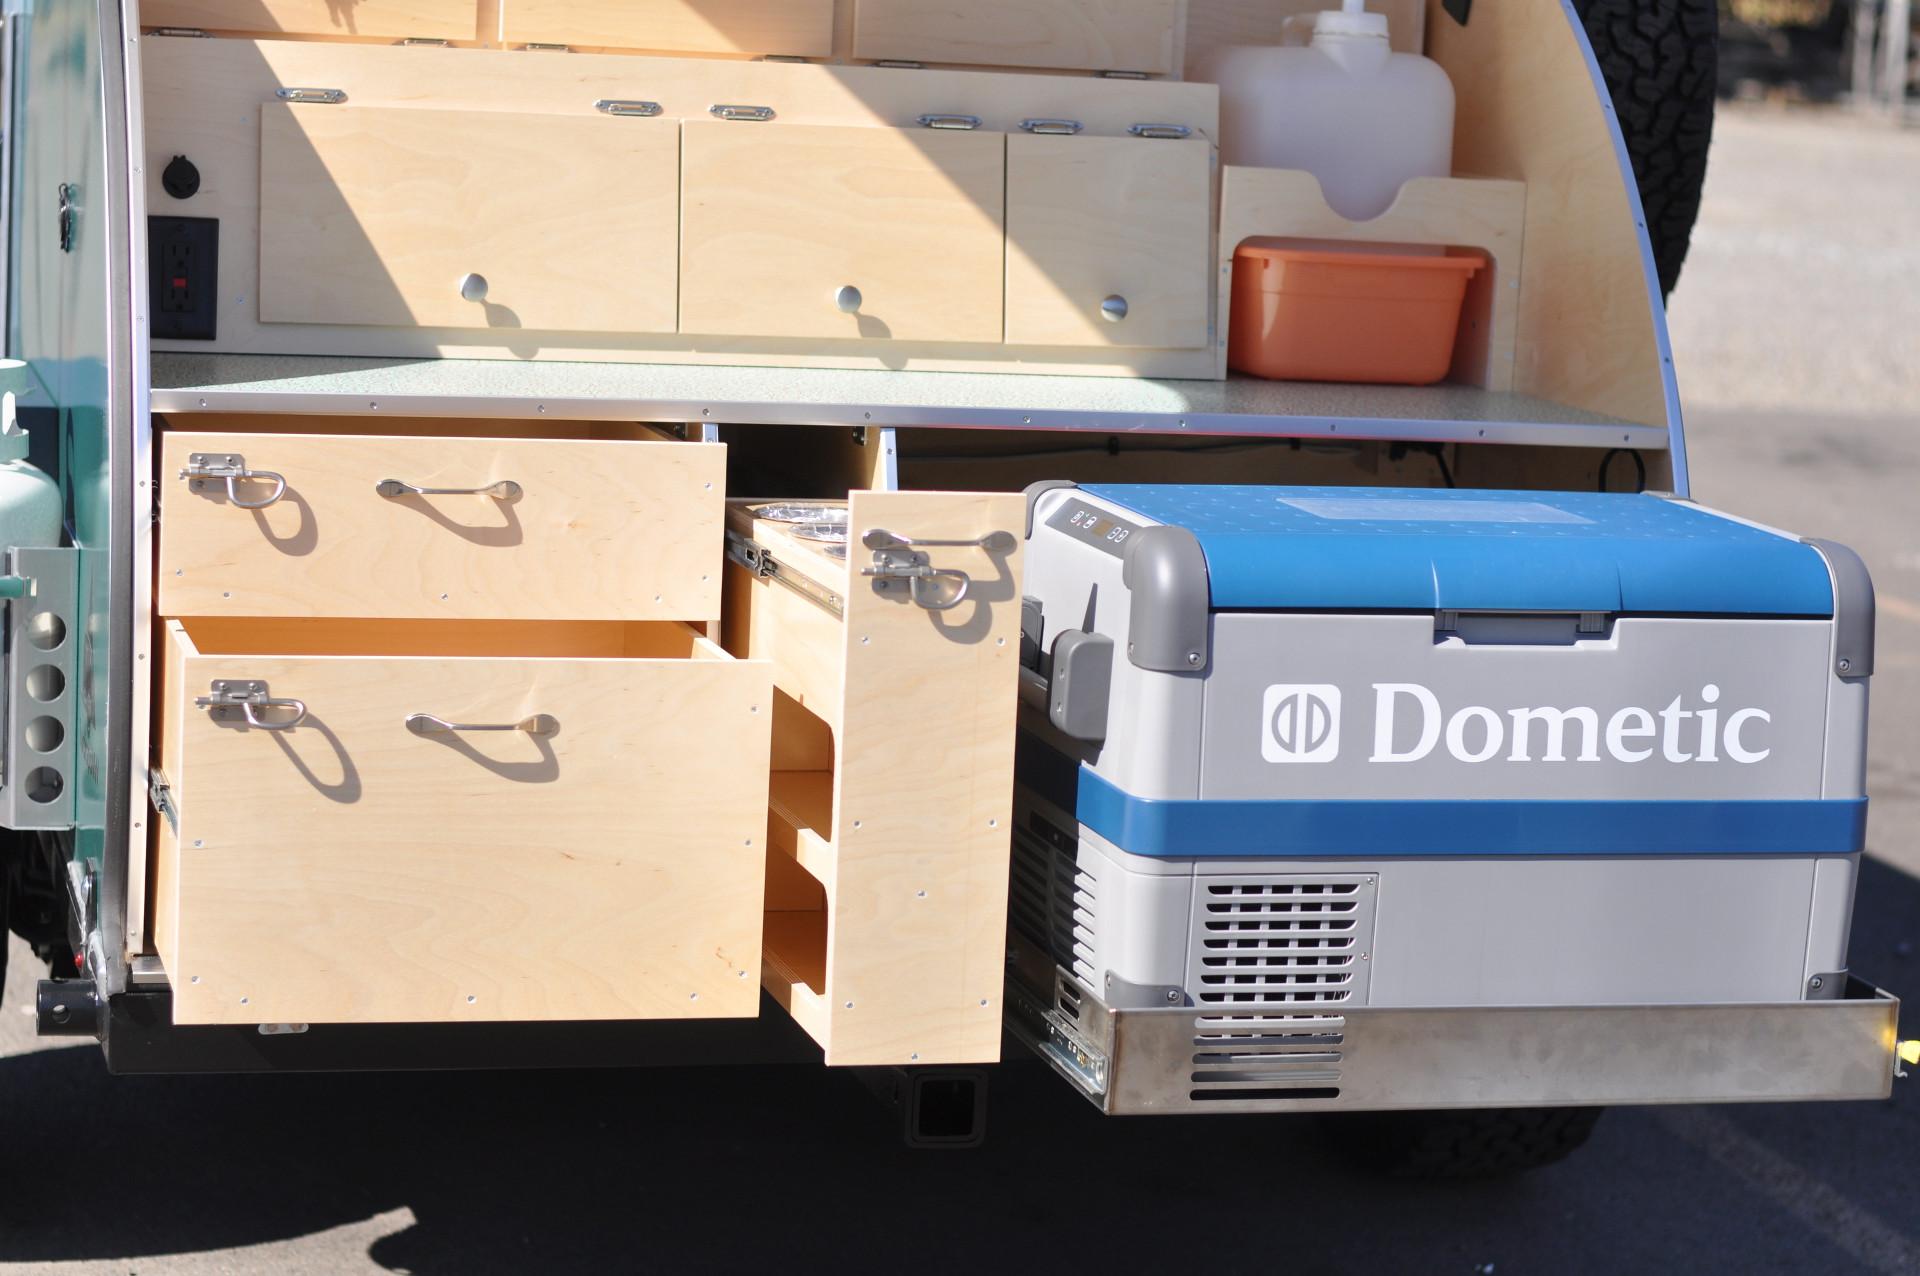 dometic-slide.jpg